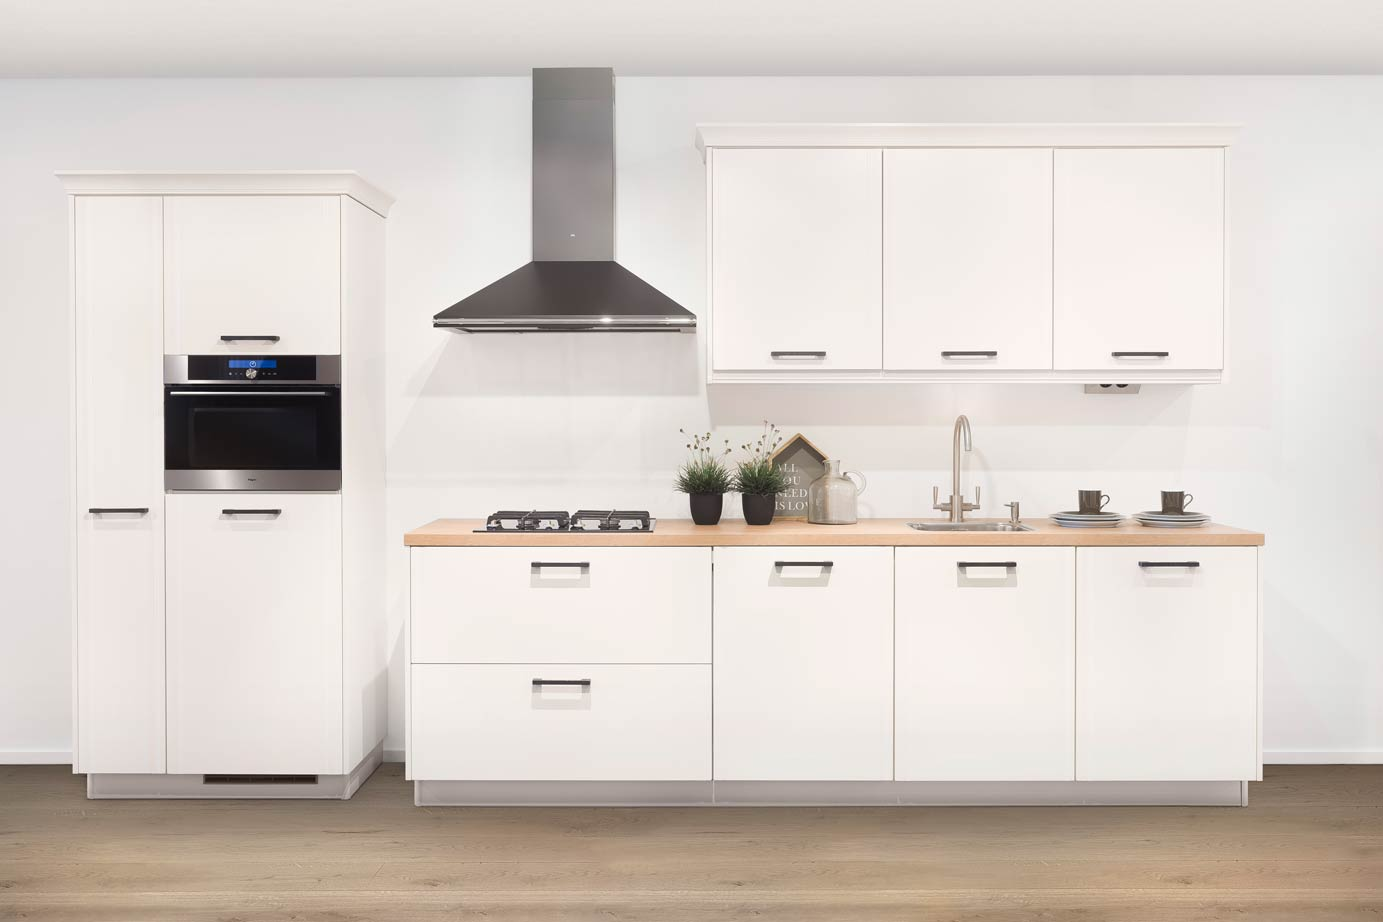 Fotos Witte Keukens : Witte keukens Gevoel van rust en ruimte Laat u